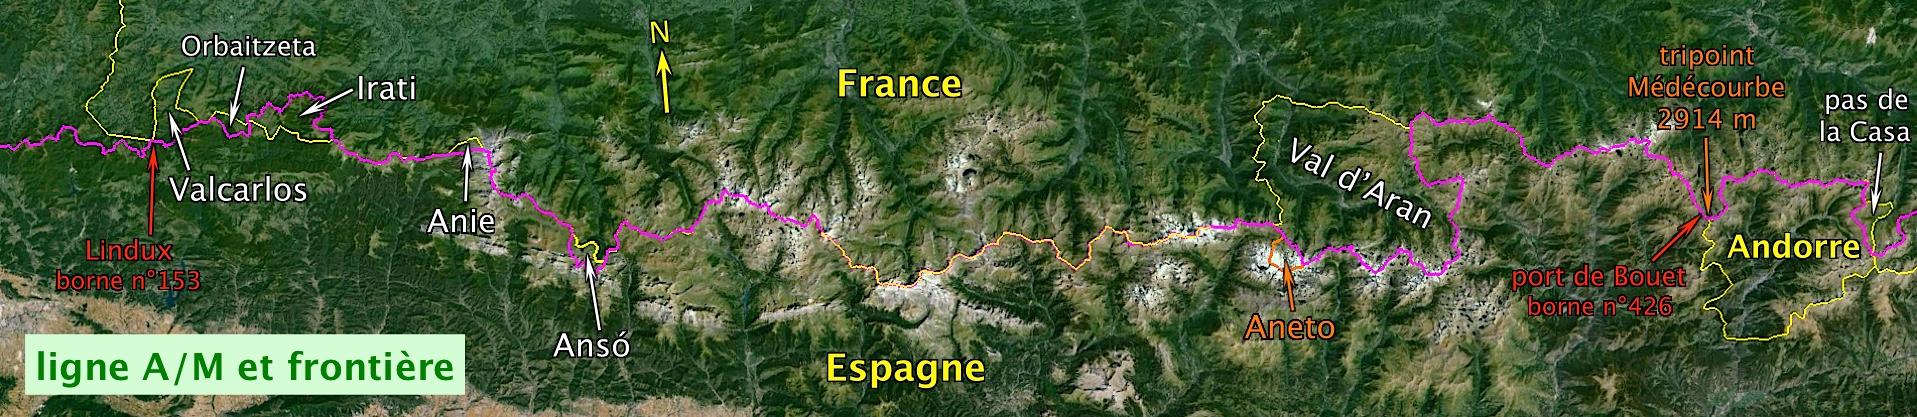 Carte pyrénées ligne et frontière